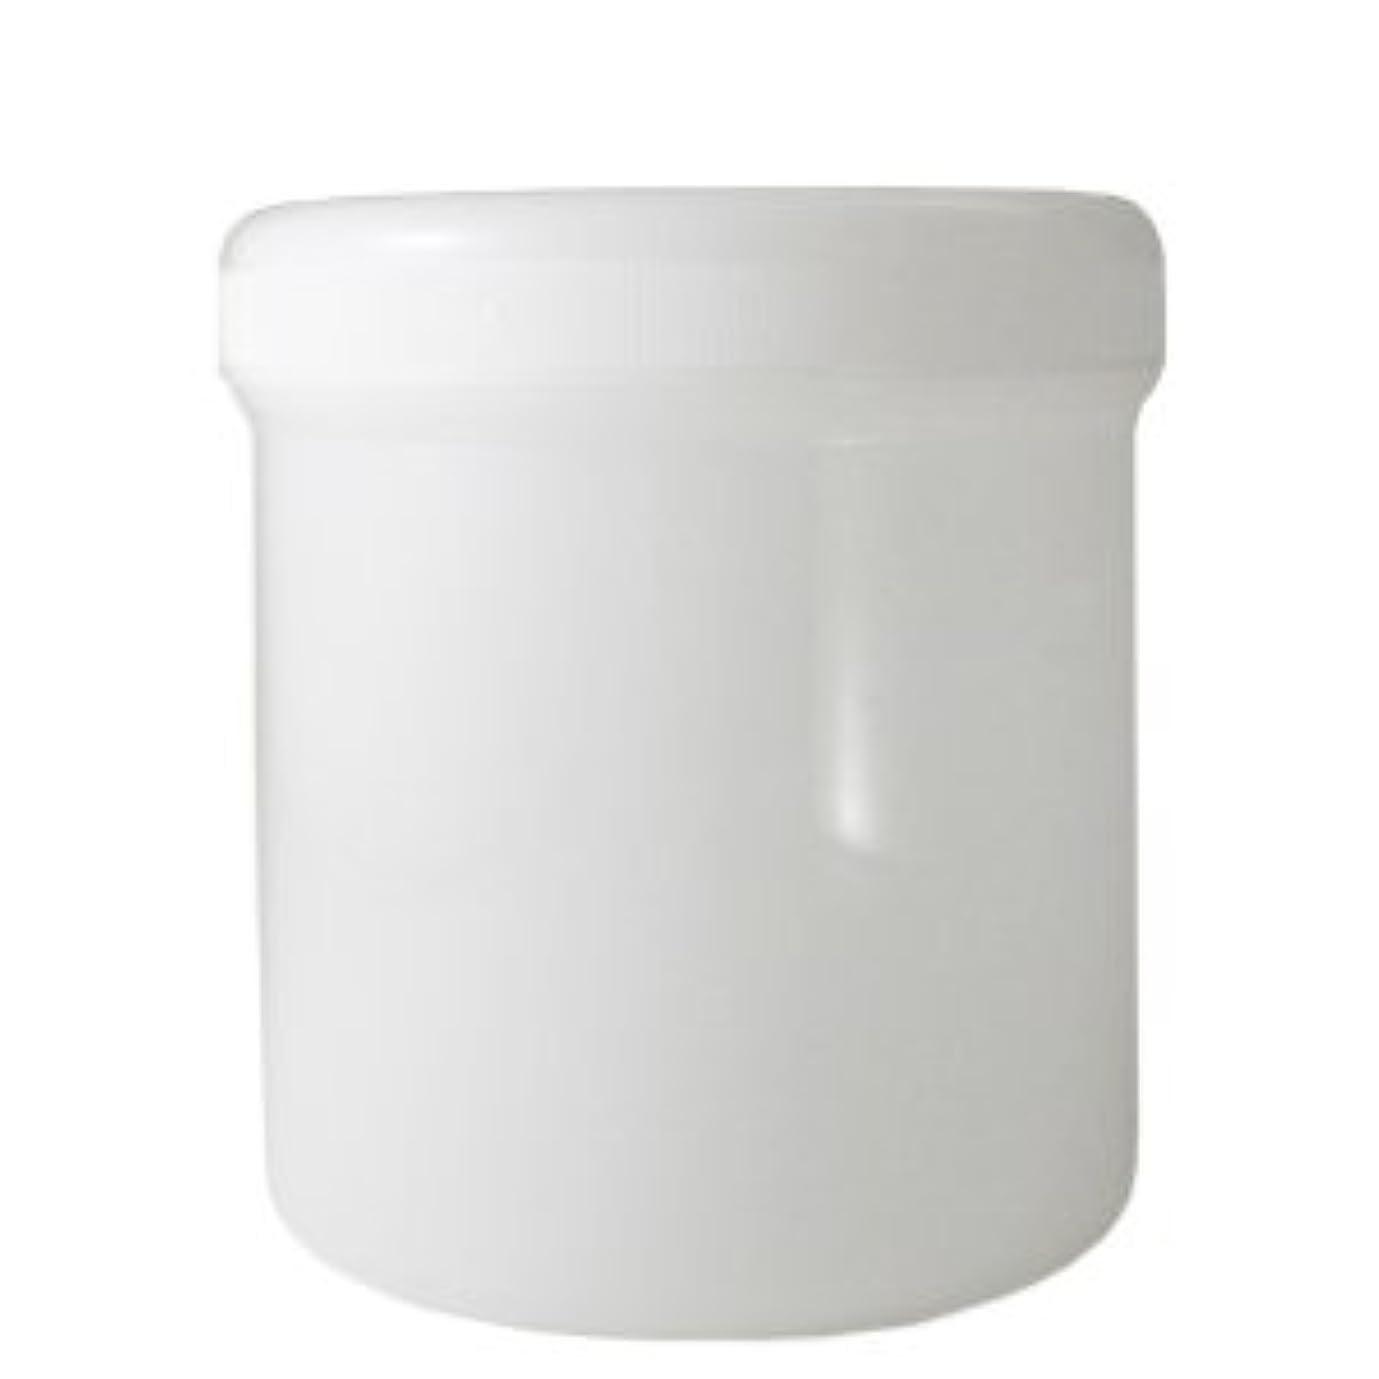 苦いハイキング飛行場ナンコー容器 クリームジャー化粧品容器 550ml